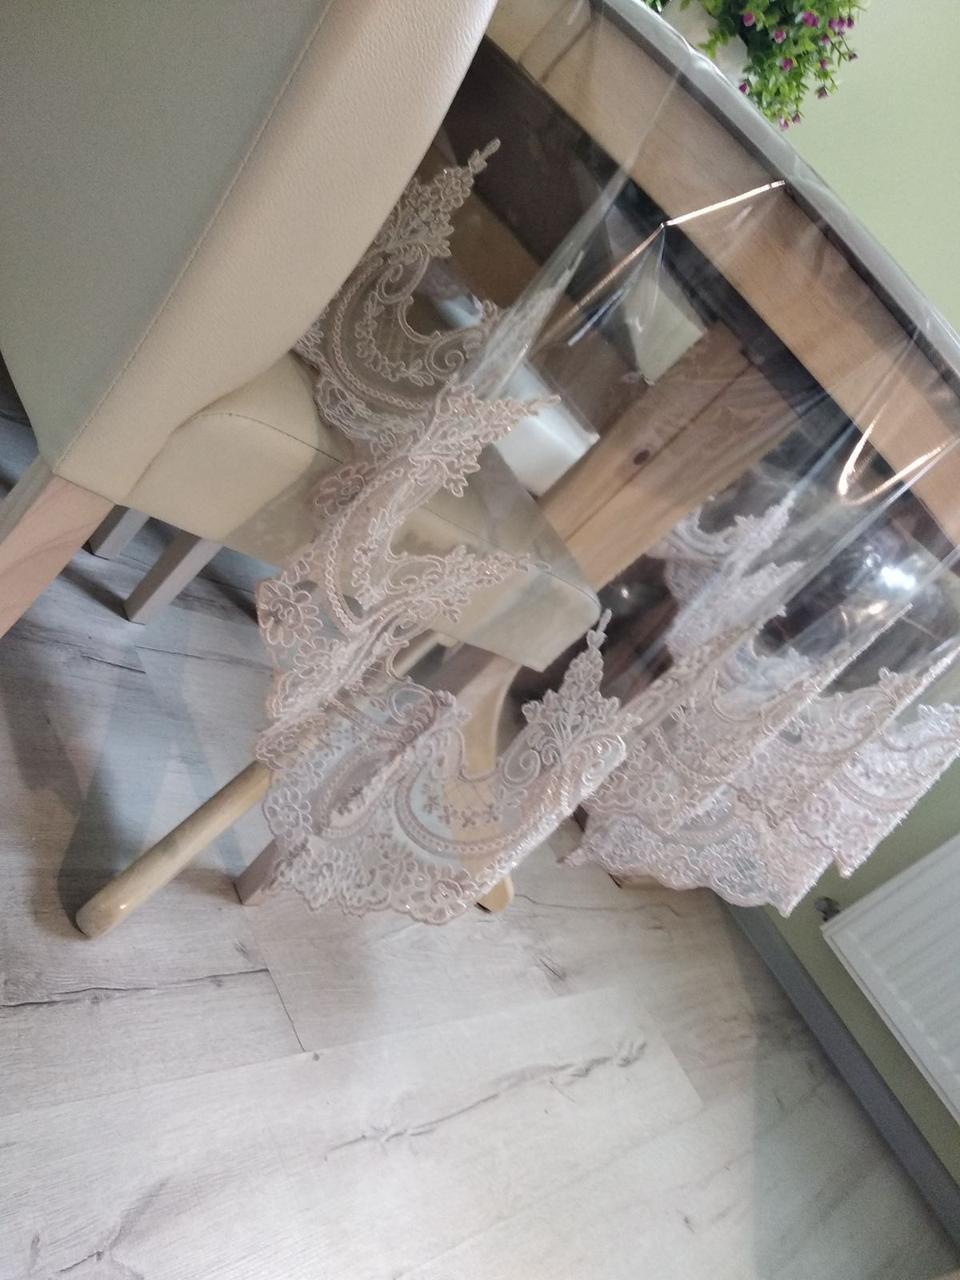 Скатерть на стол силиконовая с кружевом 160Х220см  мягкое стекло Турция Verolli в расцветках